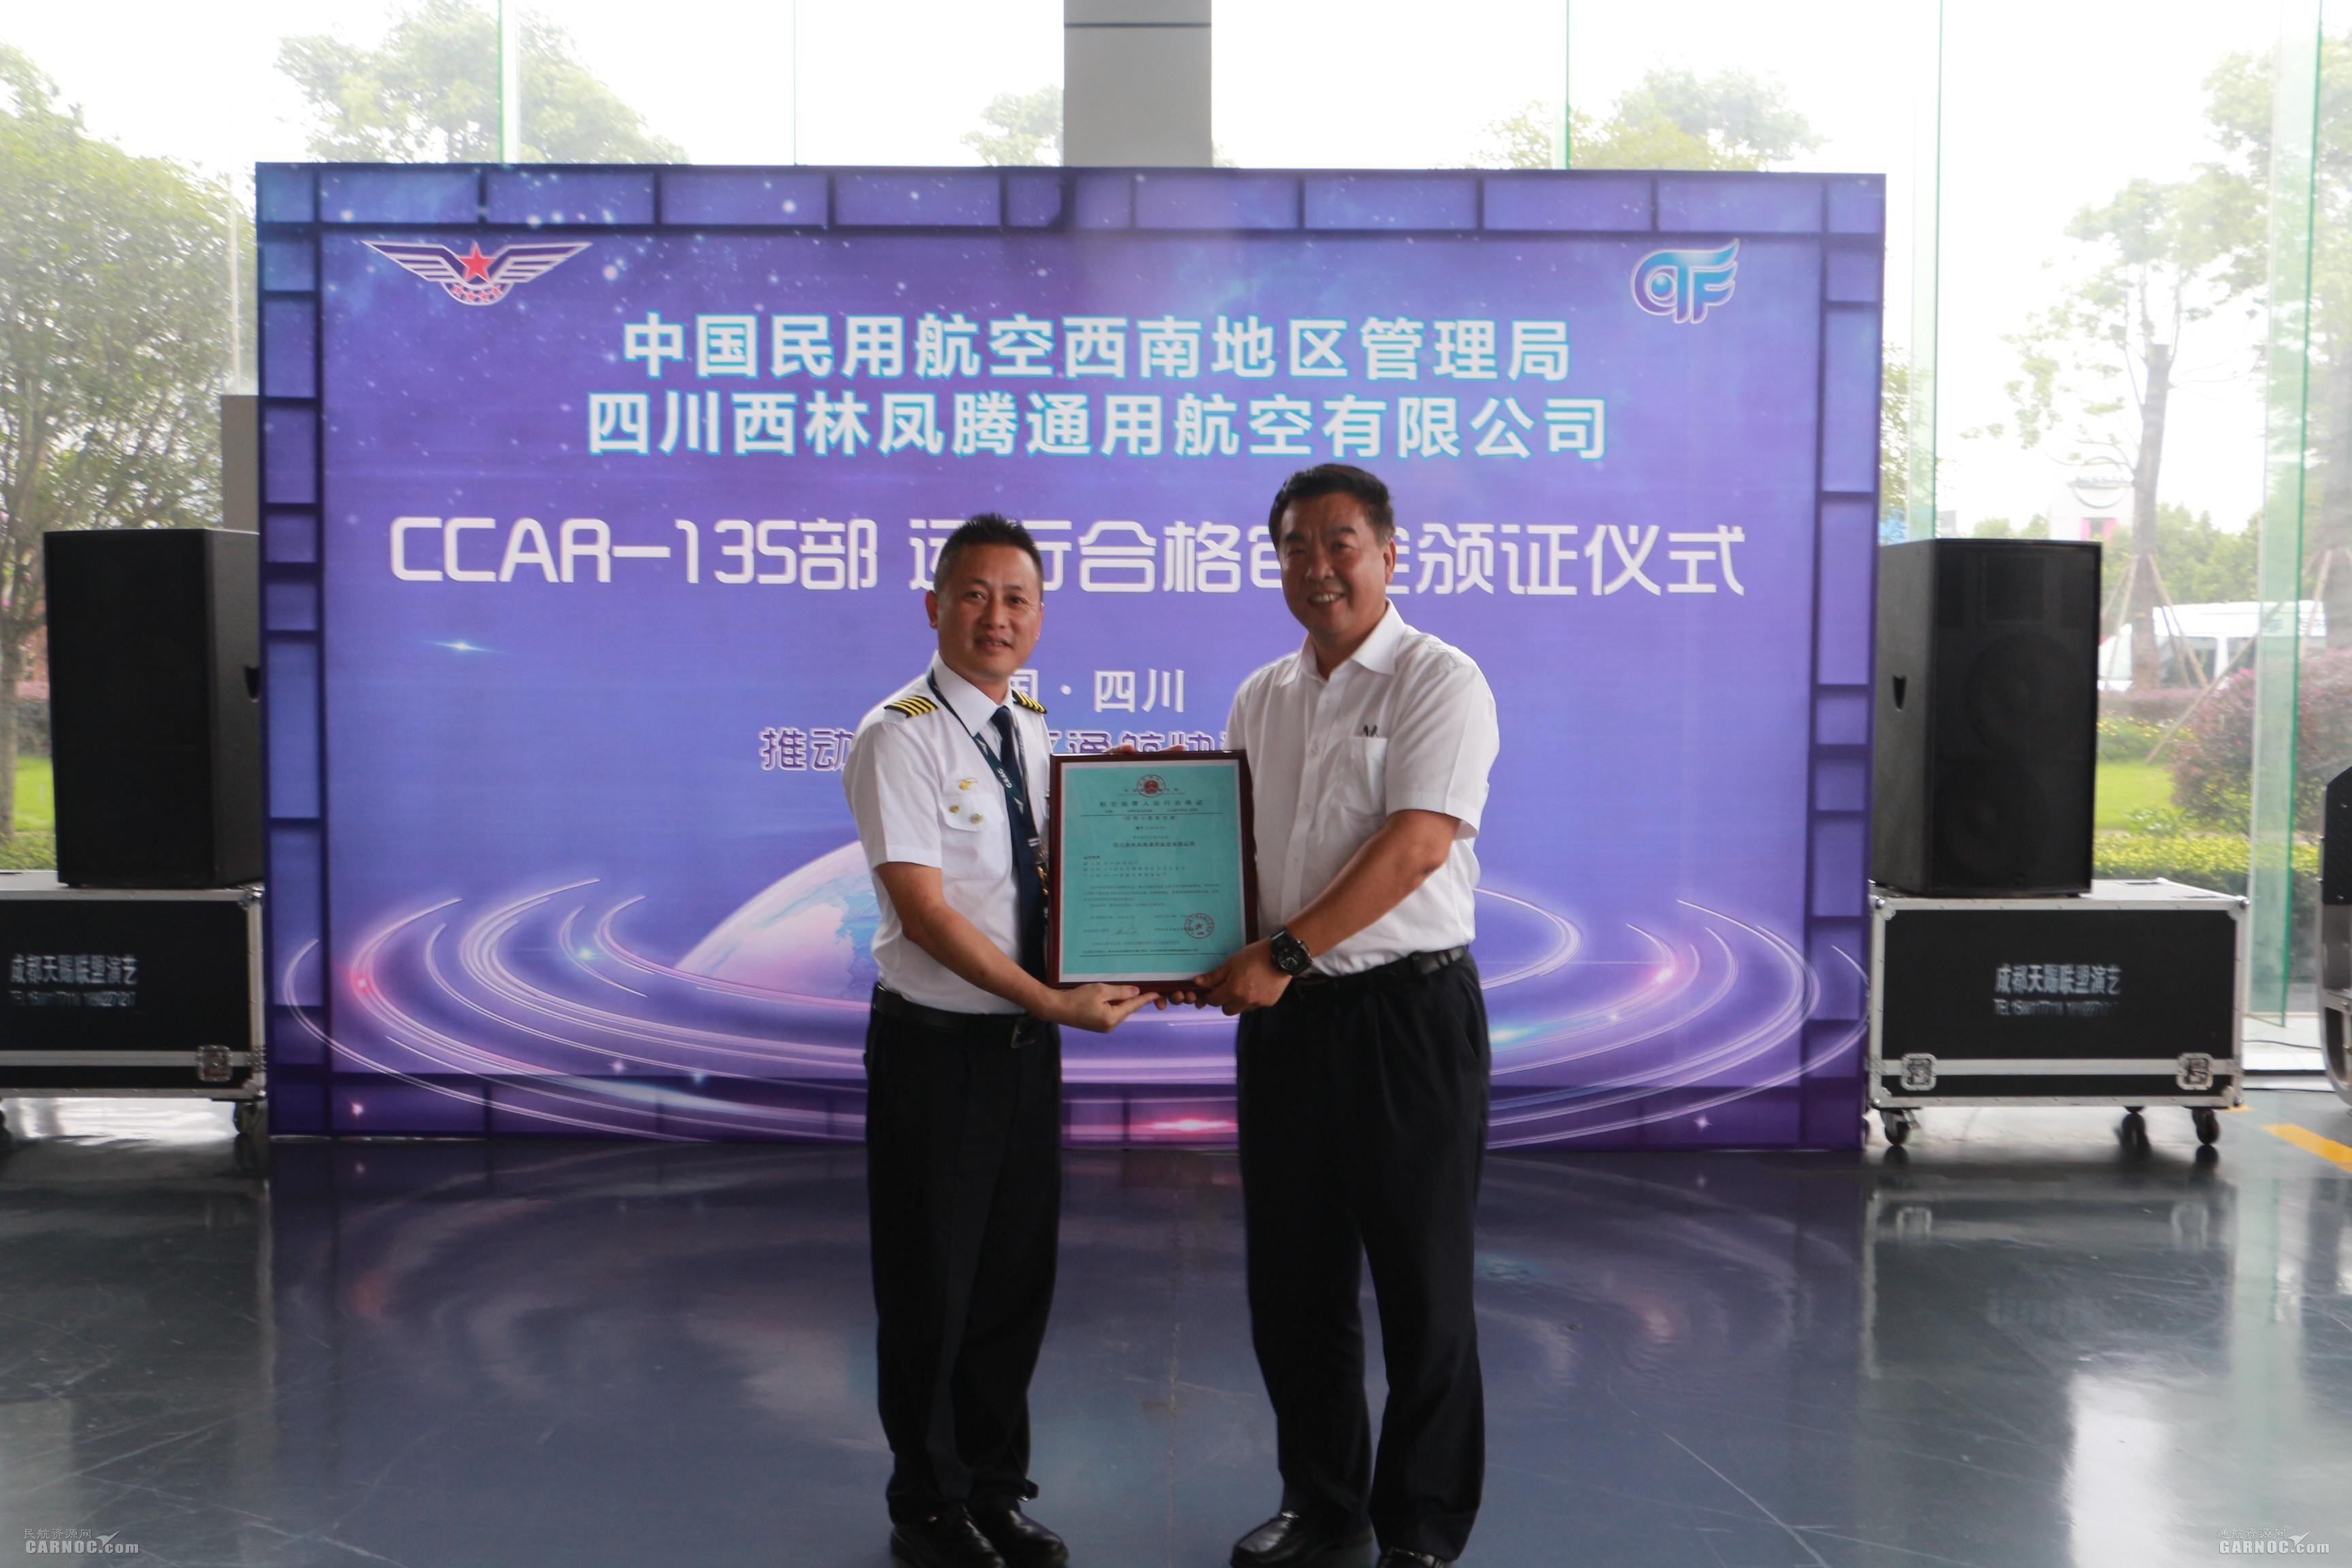 四川首家!西林凤腾通航取得135部运行合格证